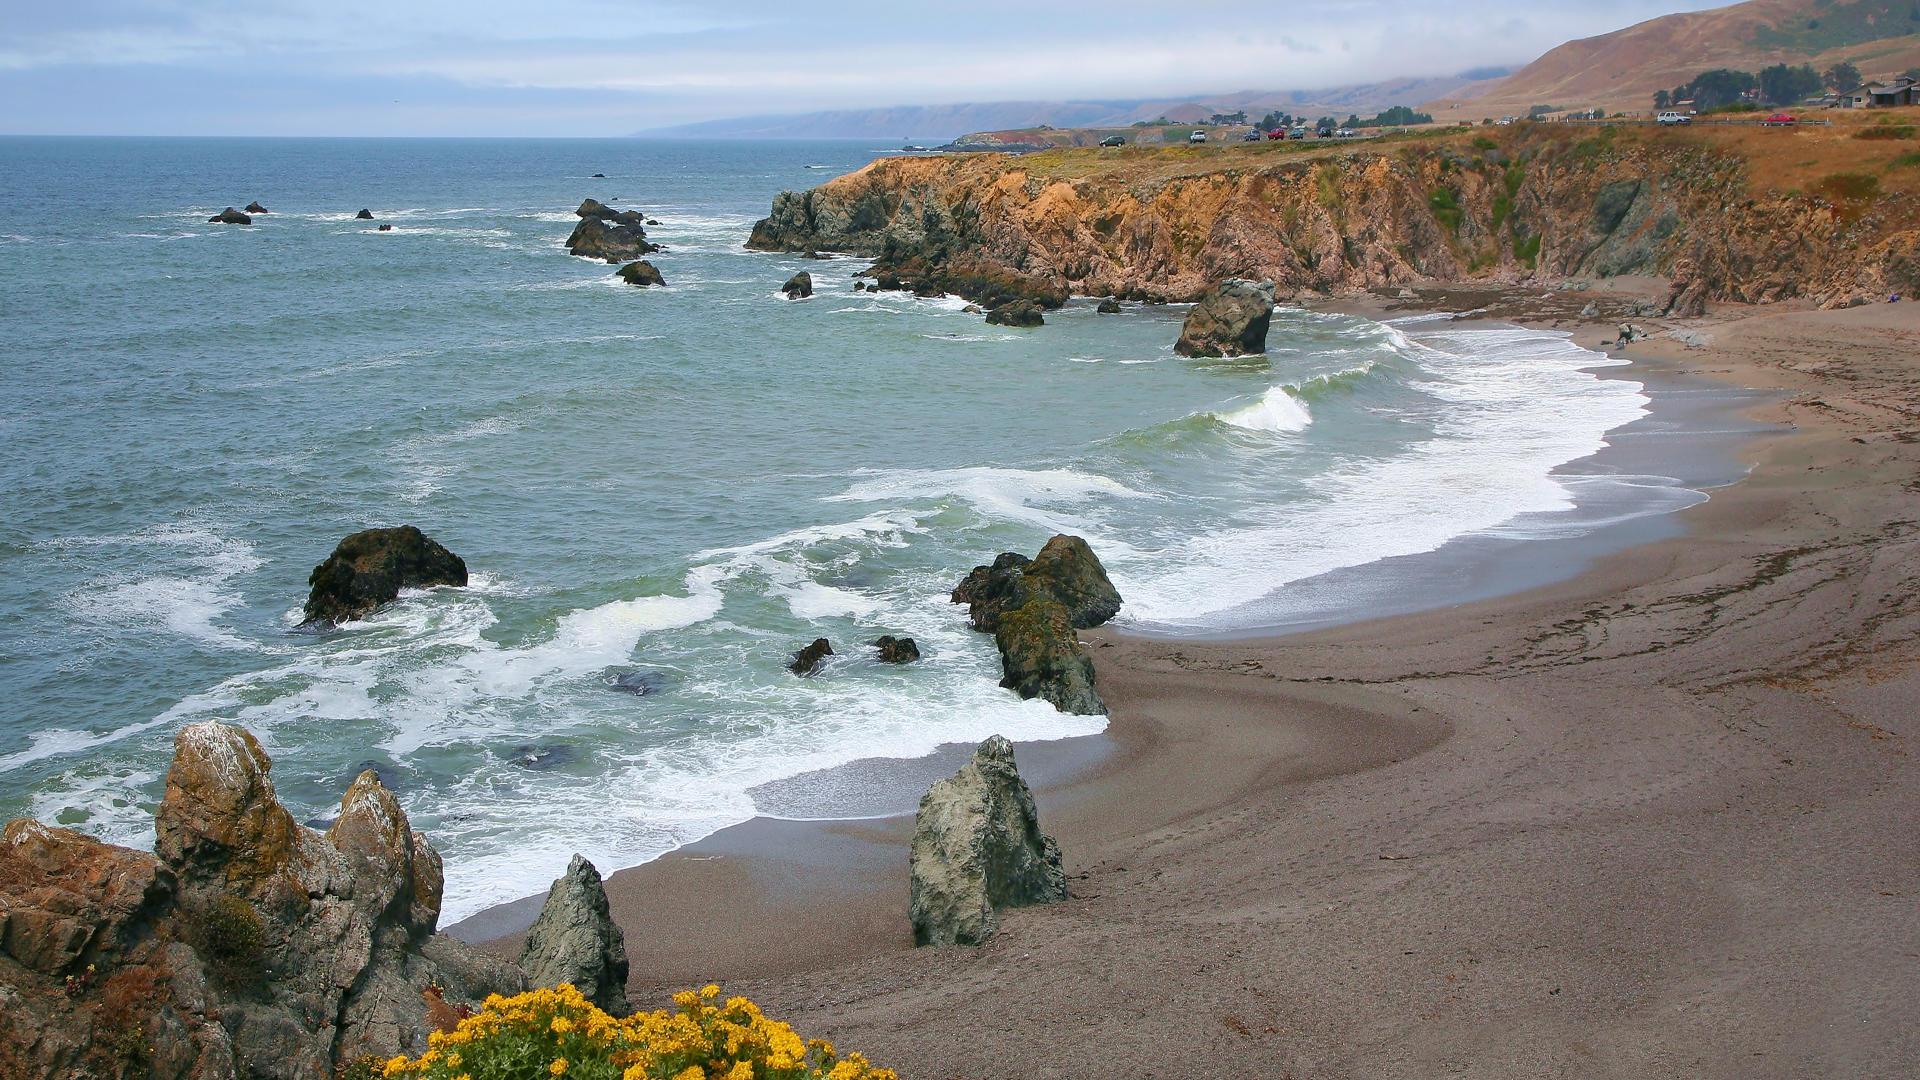 California Beach wallpaper   351014 1920x1080